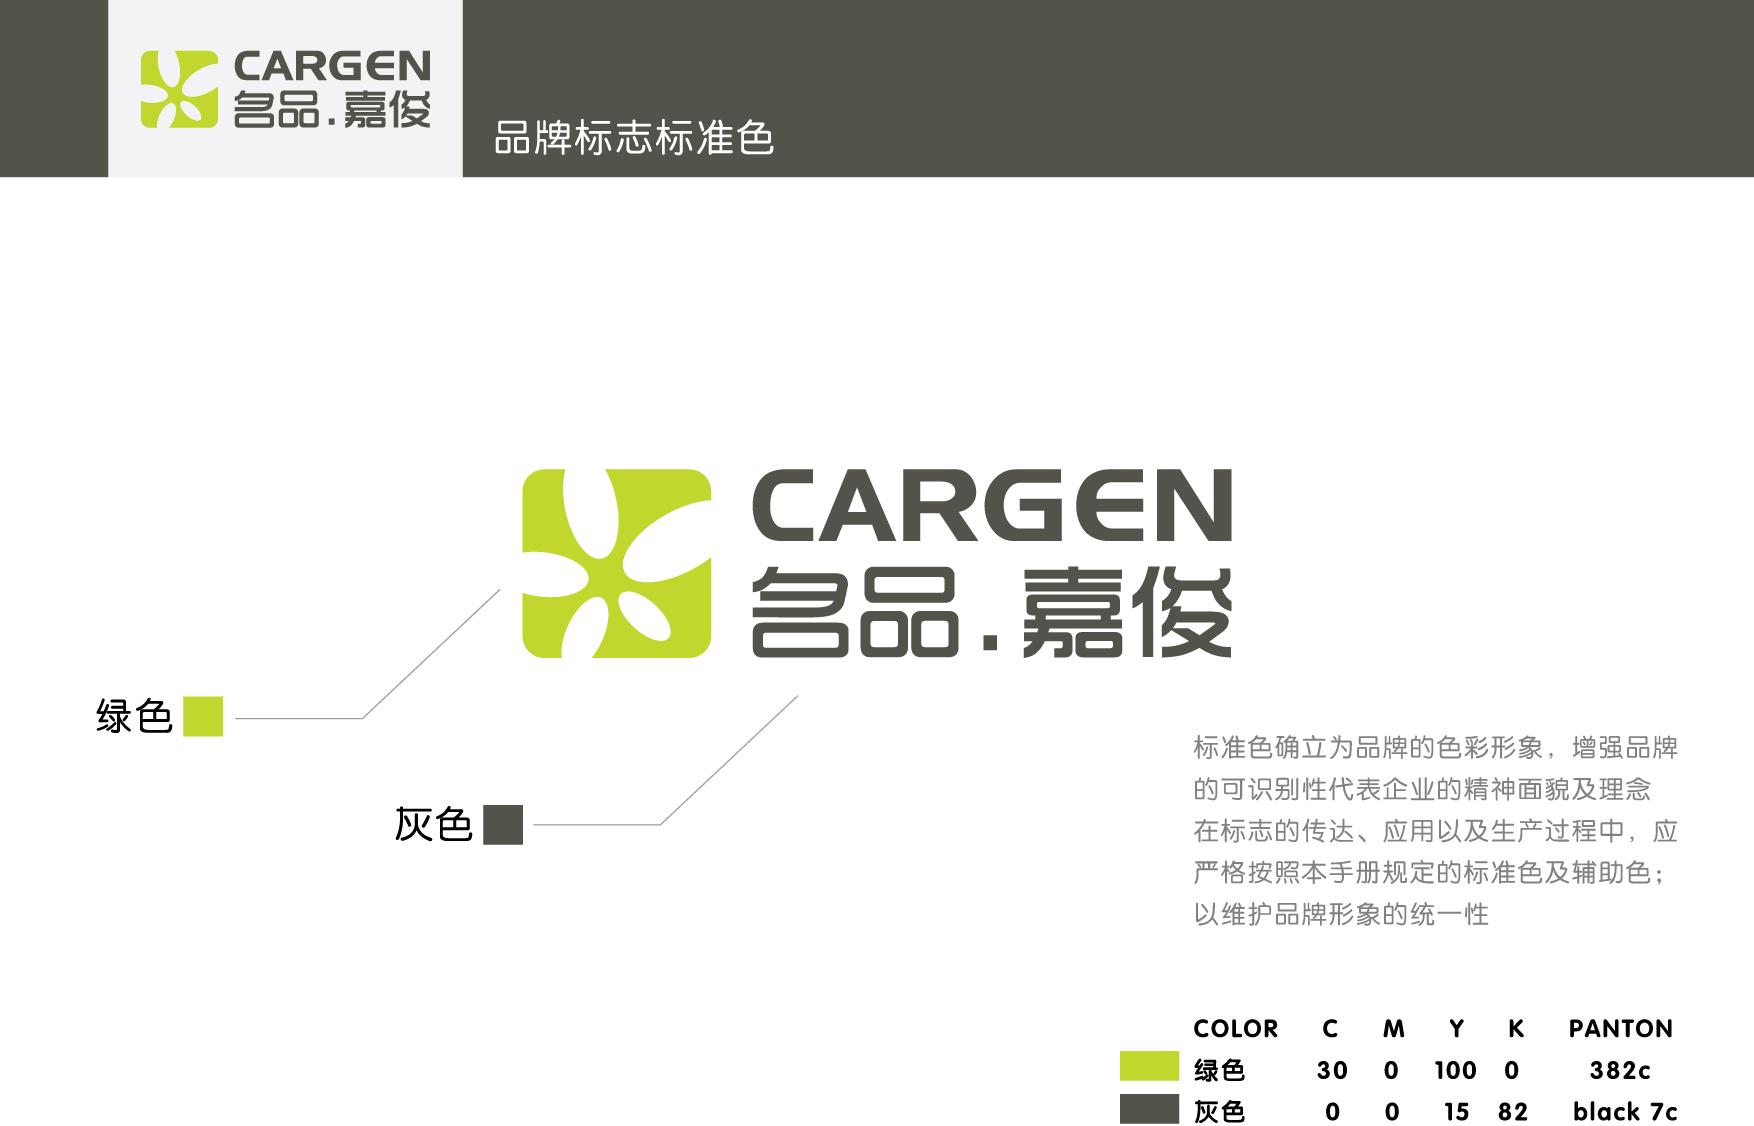 品牌标志标准色.jpg